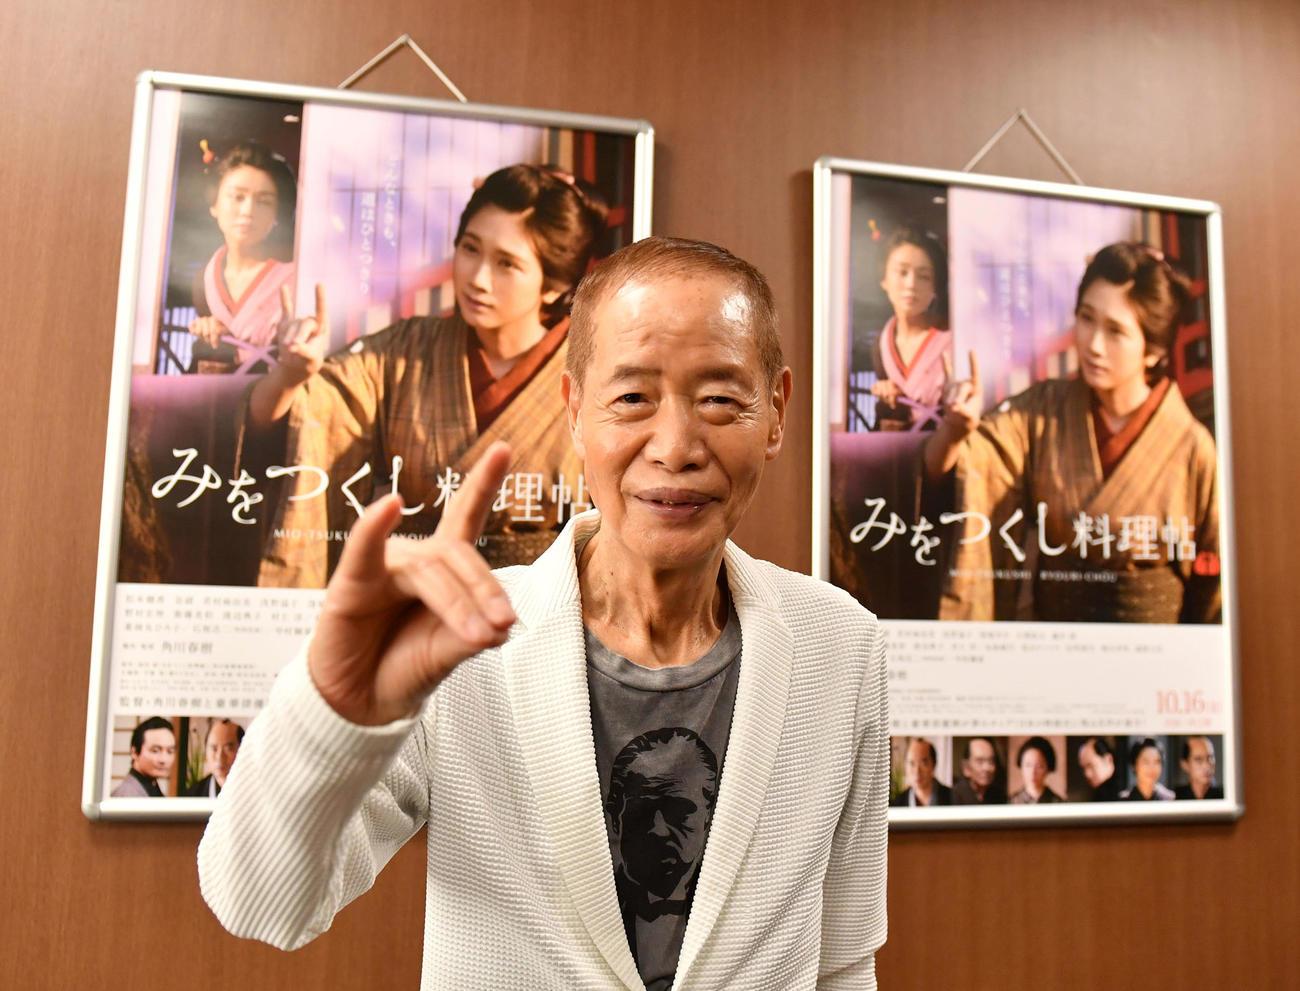 映画「みをつくし料理帖」劇中に登場するポーズを決める角川春樹監督(撮影・柴田隆二)